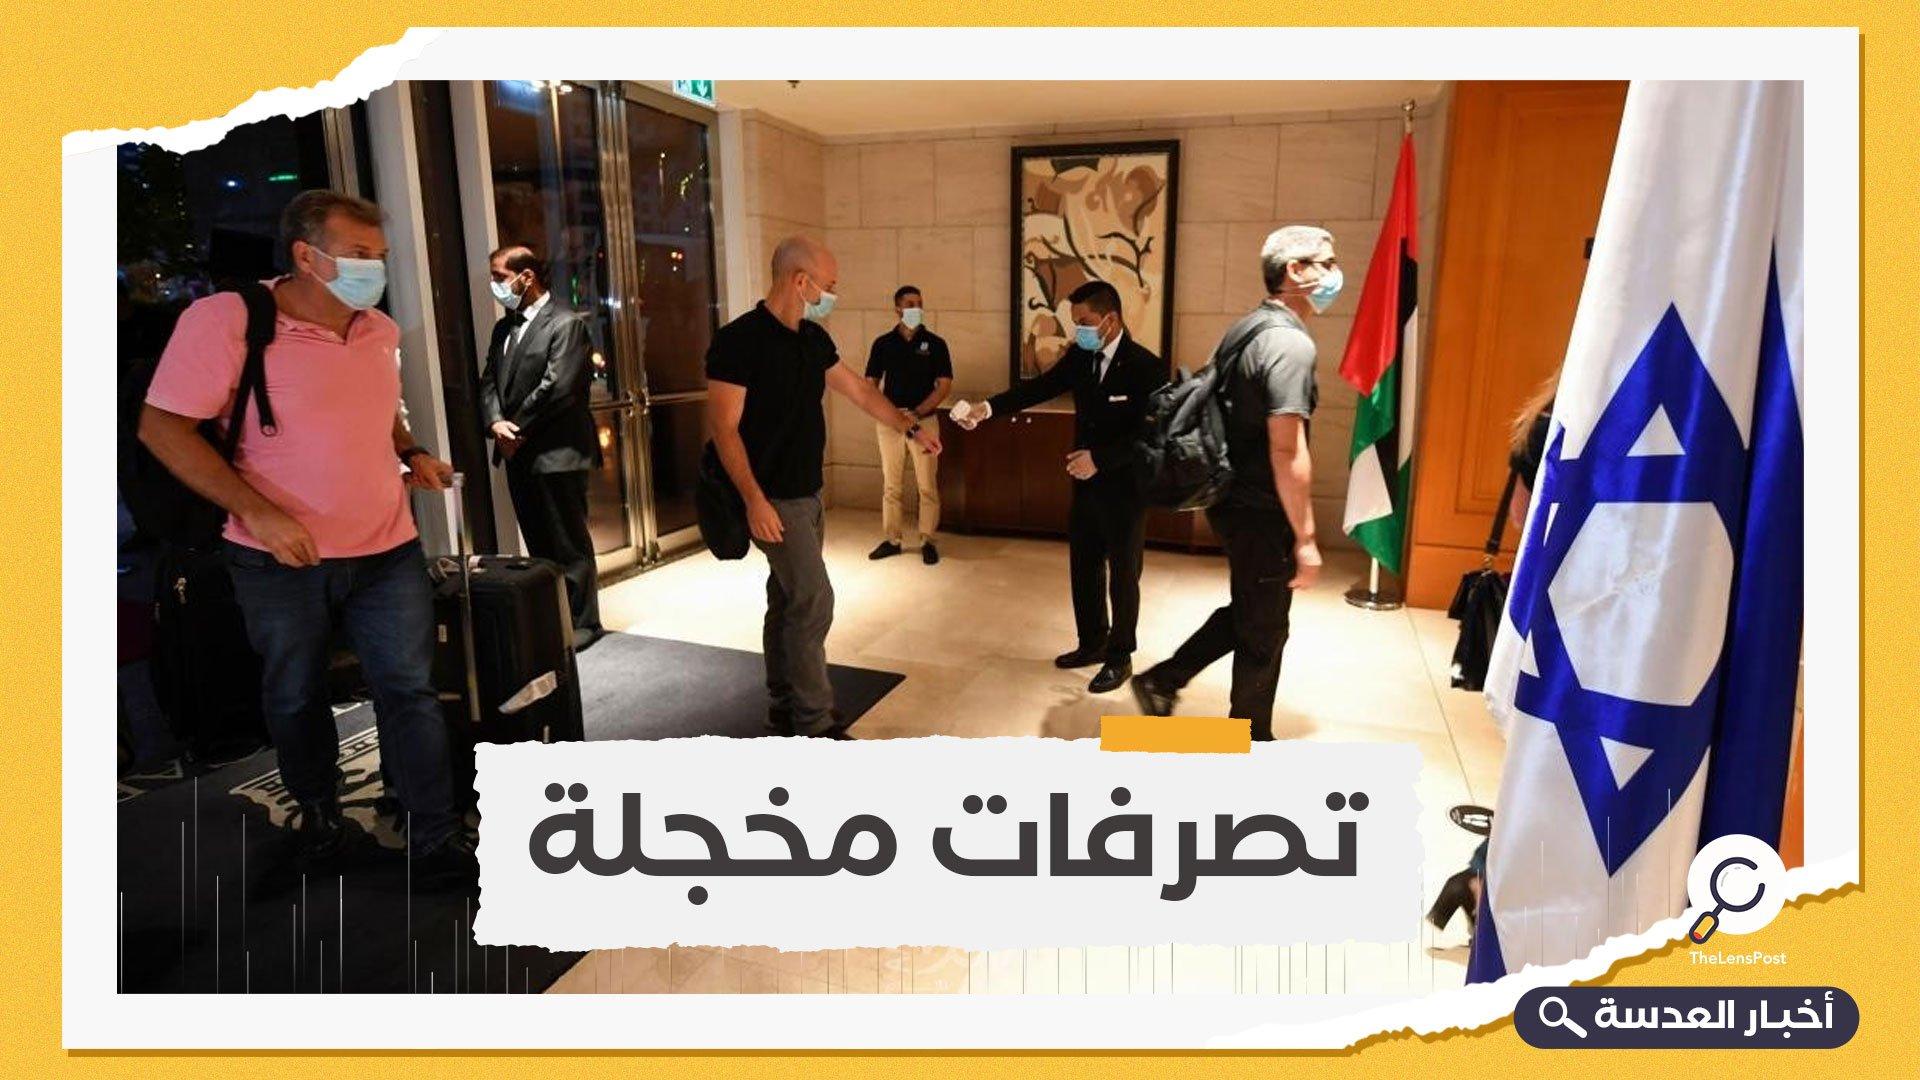 يسرقون كعادتهم ...كيف اعترفت يديعوت أحرونوت بفضائح الإسرائيليين في الإمارات؟